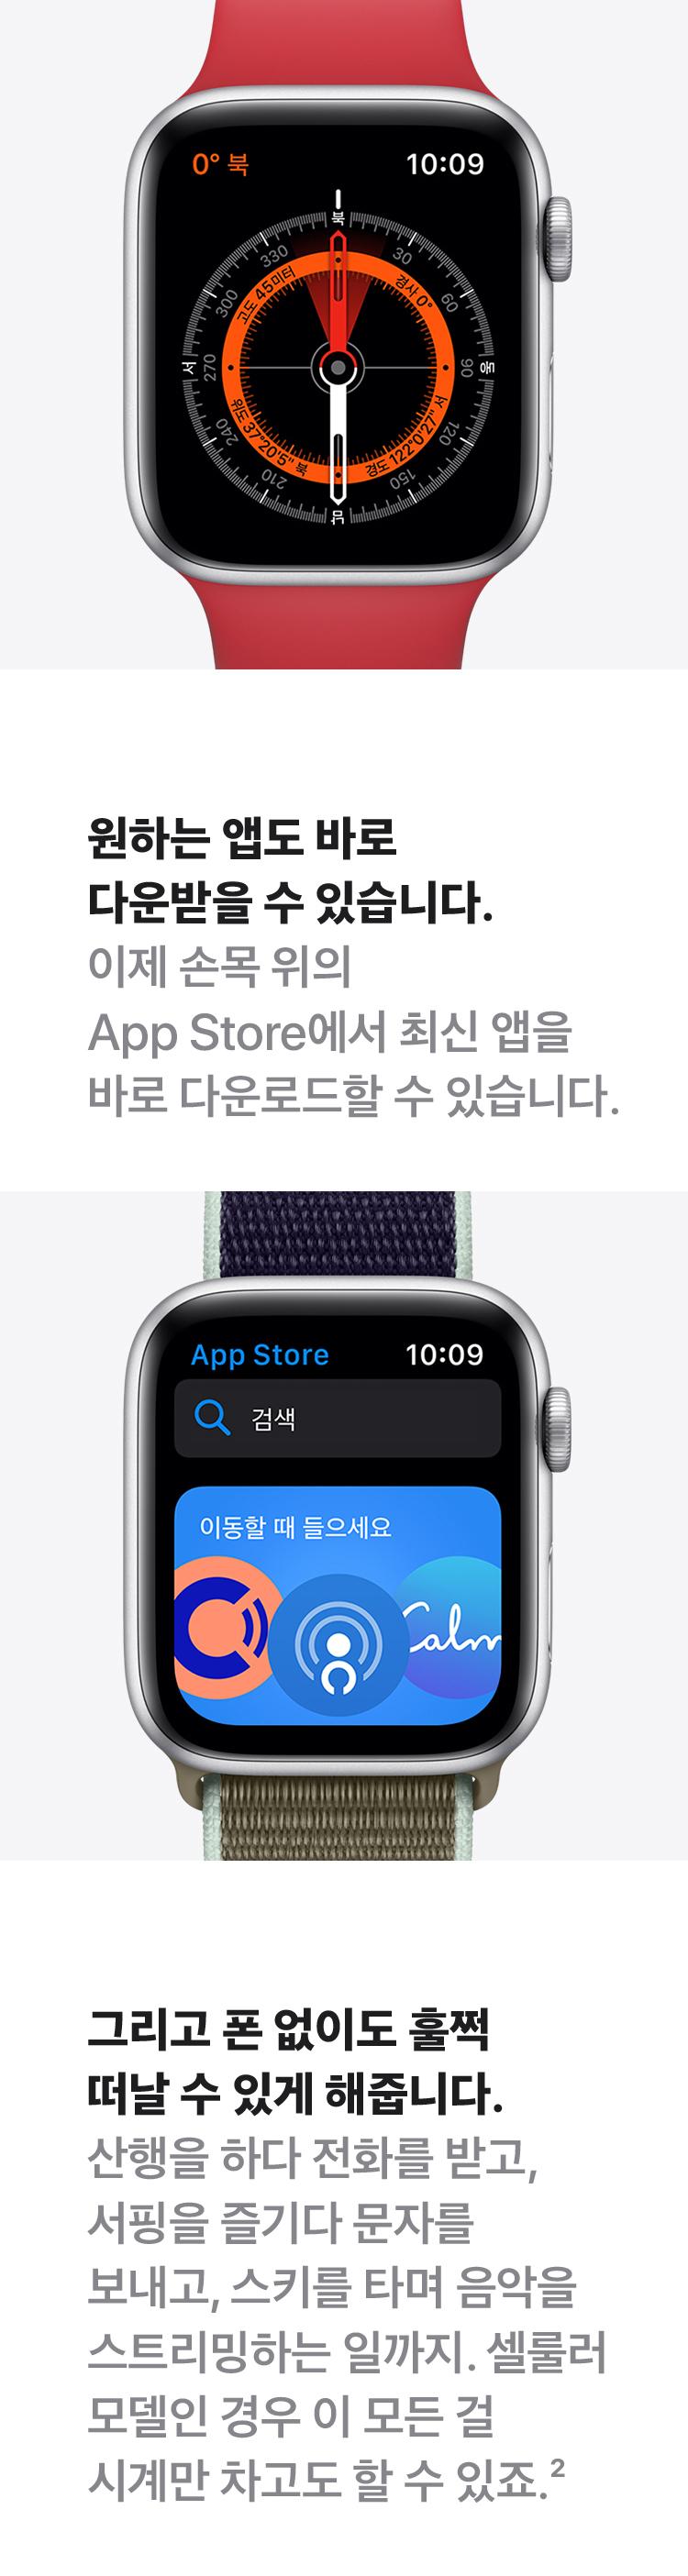 원하는 앱도 바로 다운받을 수 있습니다. 이제 손목 위의 App Store에서 최신 앱을 바로 다운로드 할 수 있습니다. 그리고 폰 없어도 훌쩍 떠날 수 있게 해줍니다. 산행을 하다가 전화를 받고, 서핑을 증기다 문자를 보내고, 스키를 타며 음악을 스트리밍하는 일까지. 셀룰러 모델인 경우 이 모든걸 시계만 차고도 할 수 있죠.